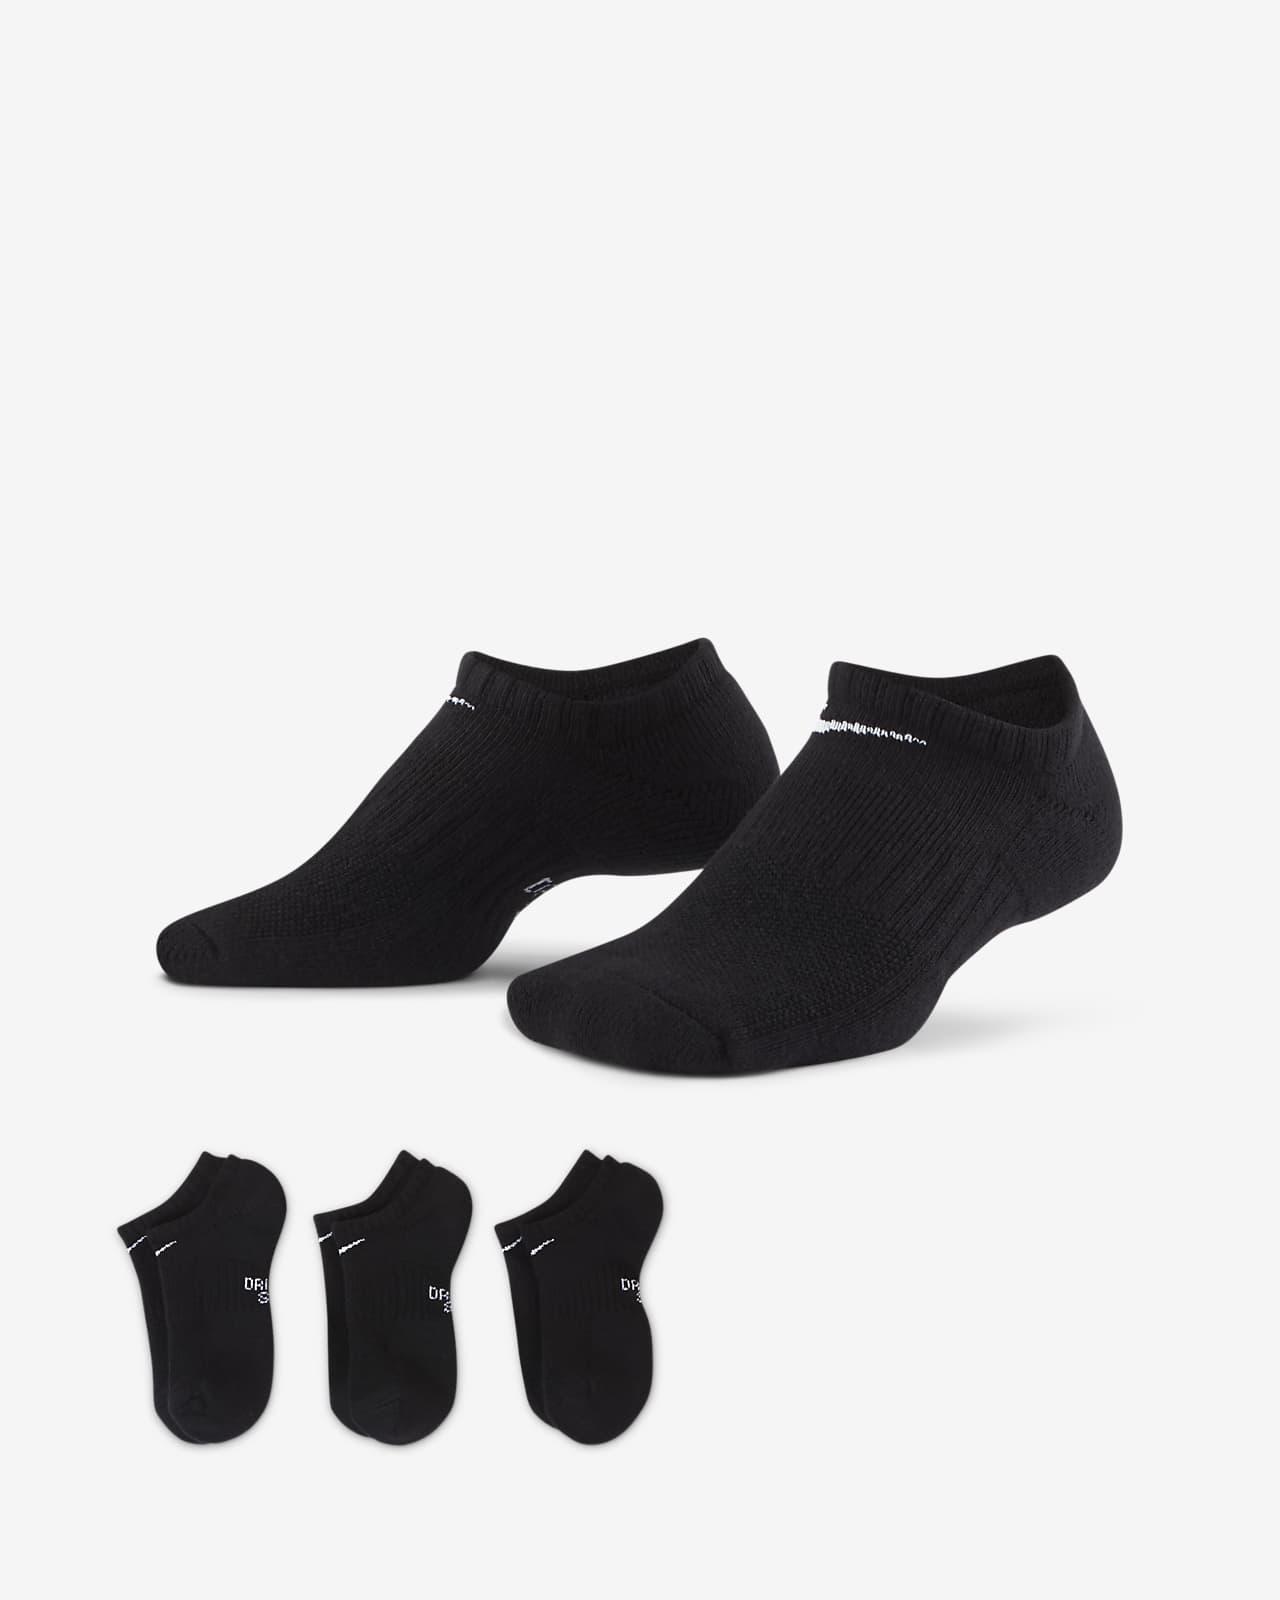 ถุงเท้าลดแรงกระแทกเด็กโตแบบซ่อน Nike Everyday (3 คู่)